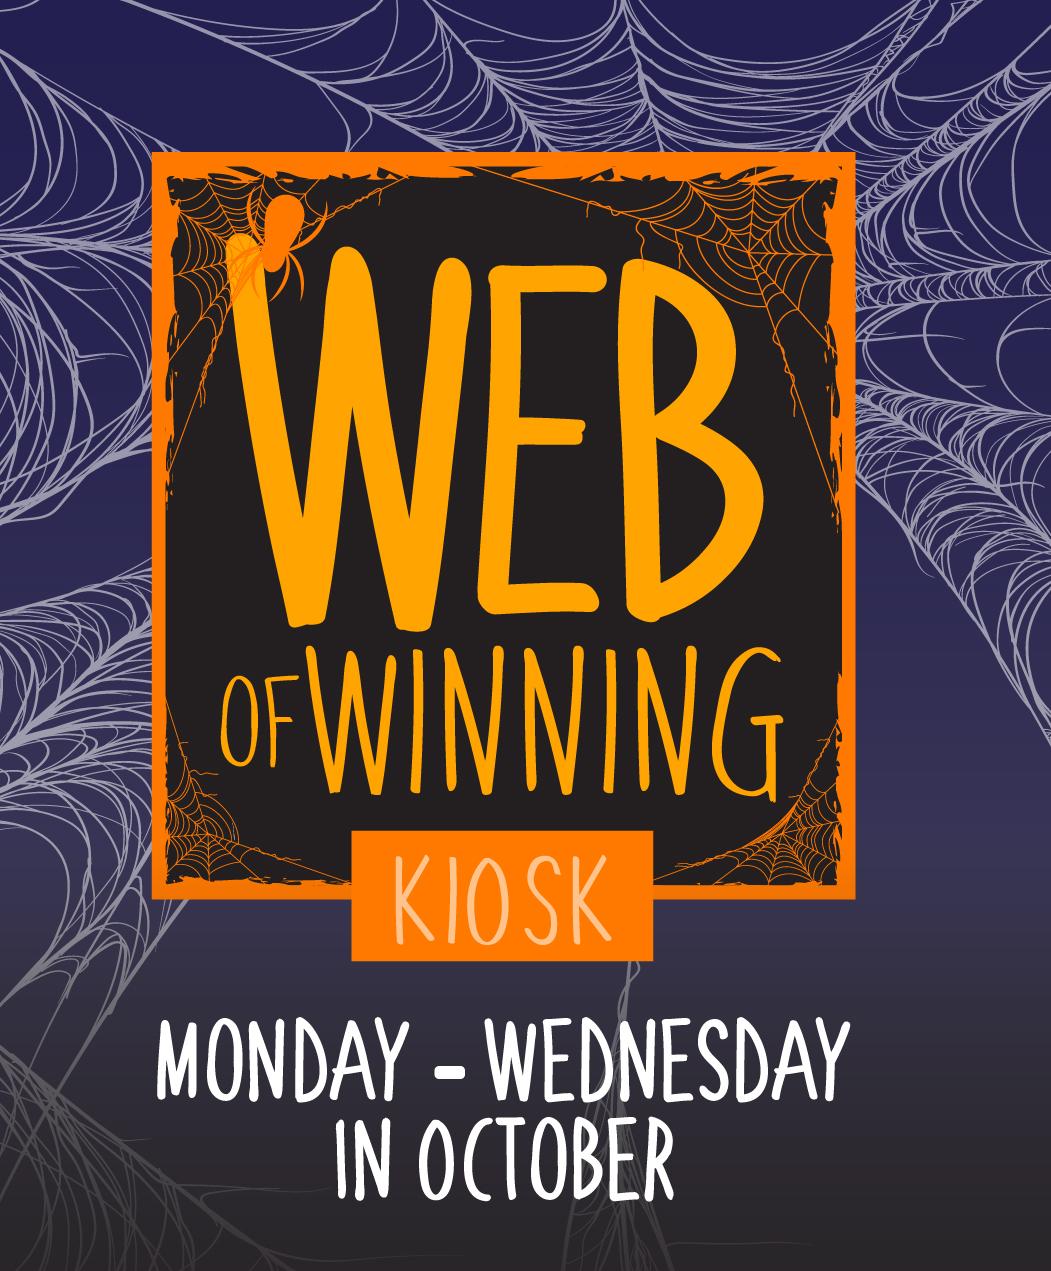 Web of Winning Kiosk